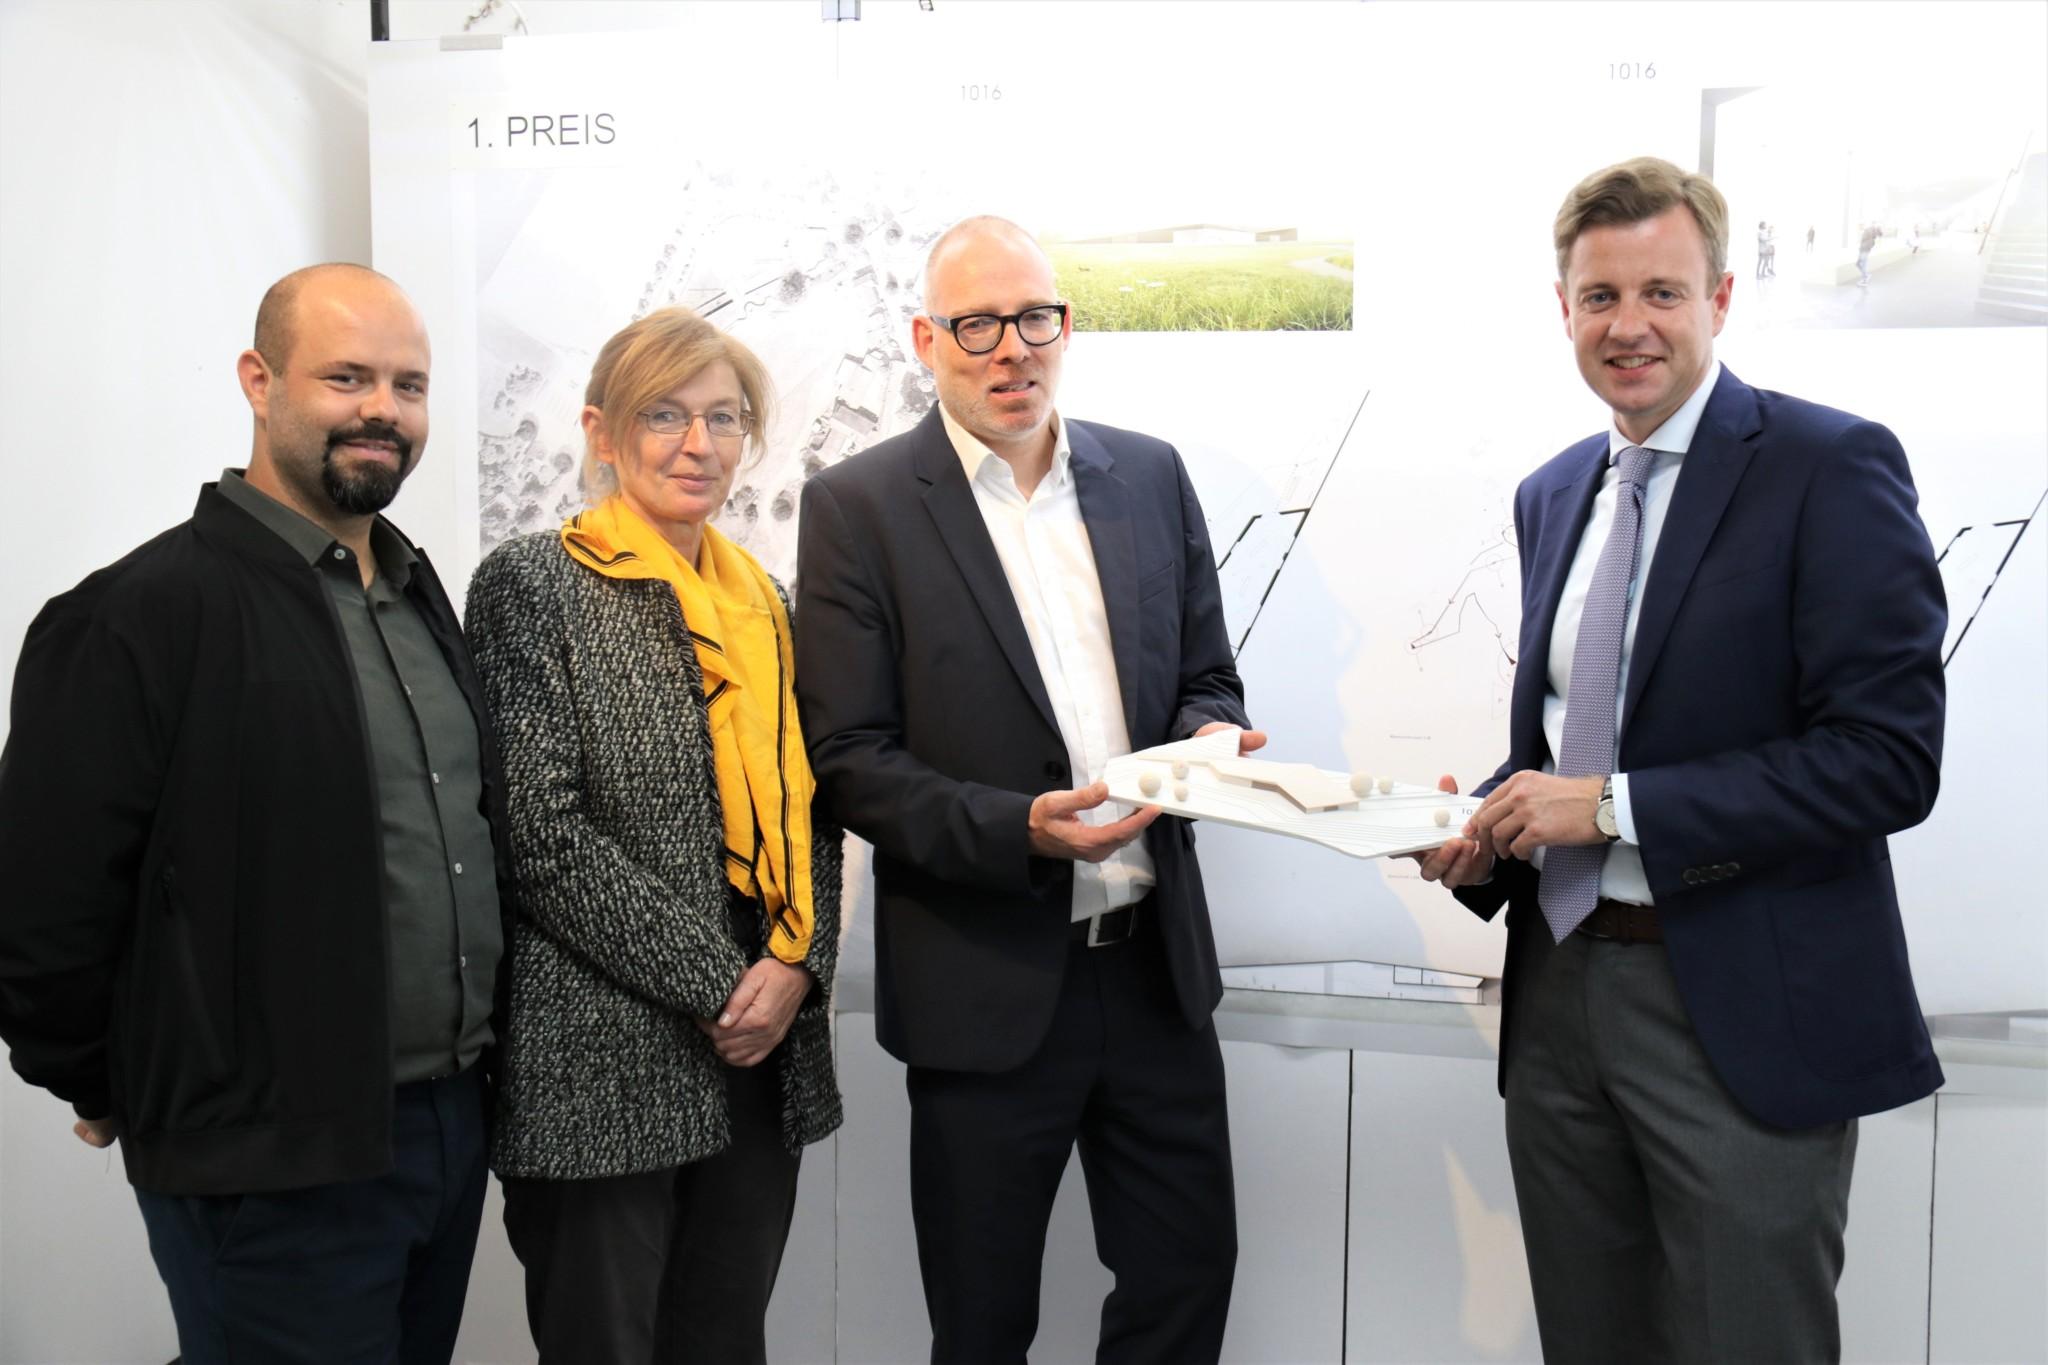 Freuen sich, ihren Entwurf bald schon in die Tat umsetzen zu können: Gani Ilijazi, Brigitte Fischer, Ole Creutzig gemeinsam mit Landrat Dr. Oliver Bär